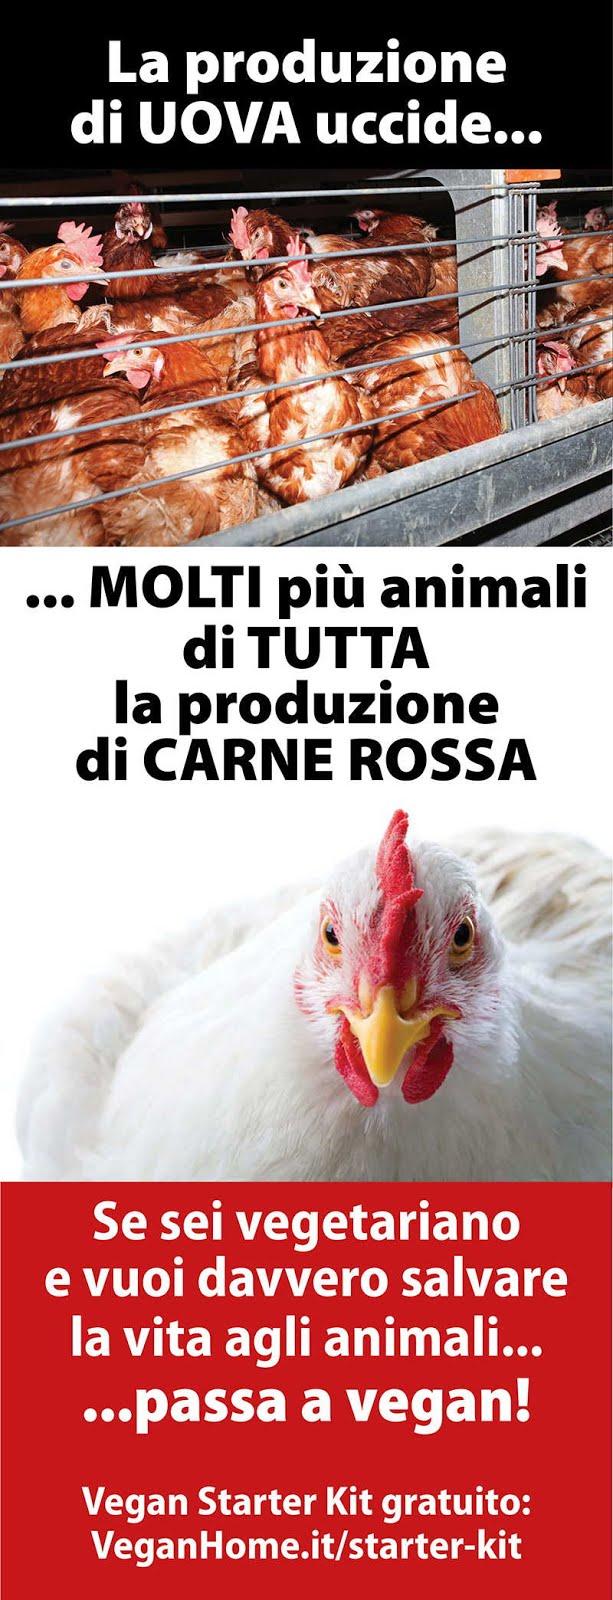 La produzione di UOVA uccide... MOLTI più animali di TUTTA la produzione di CARNE ROSSA.